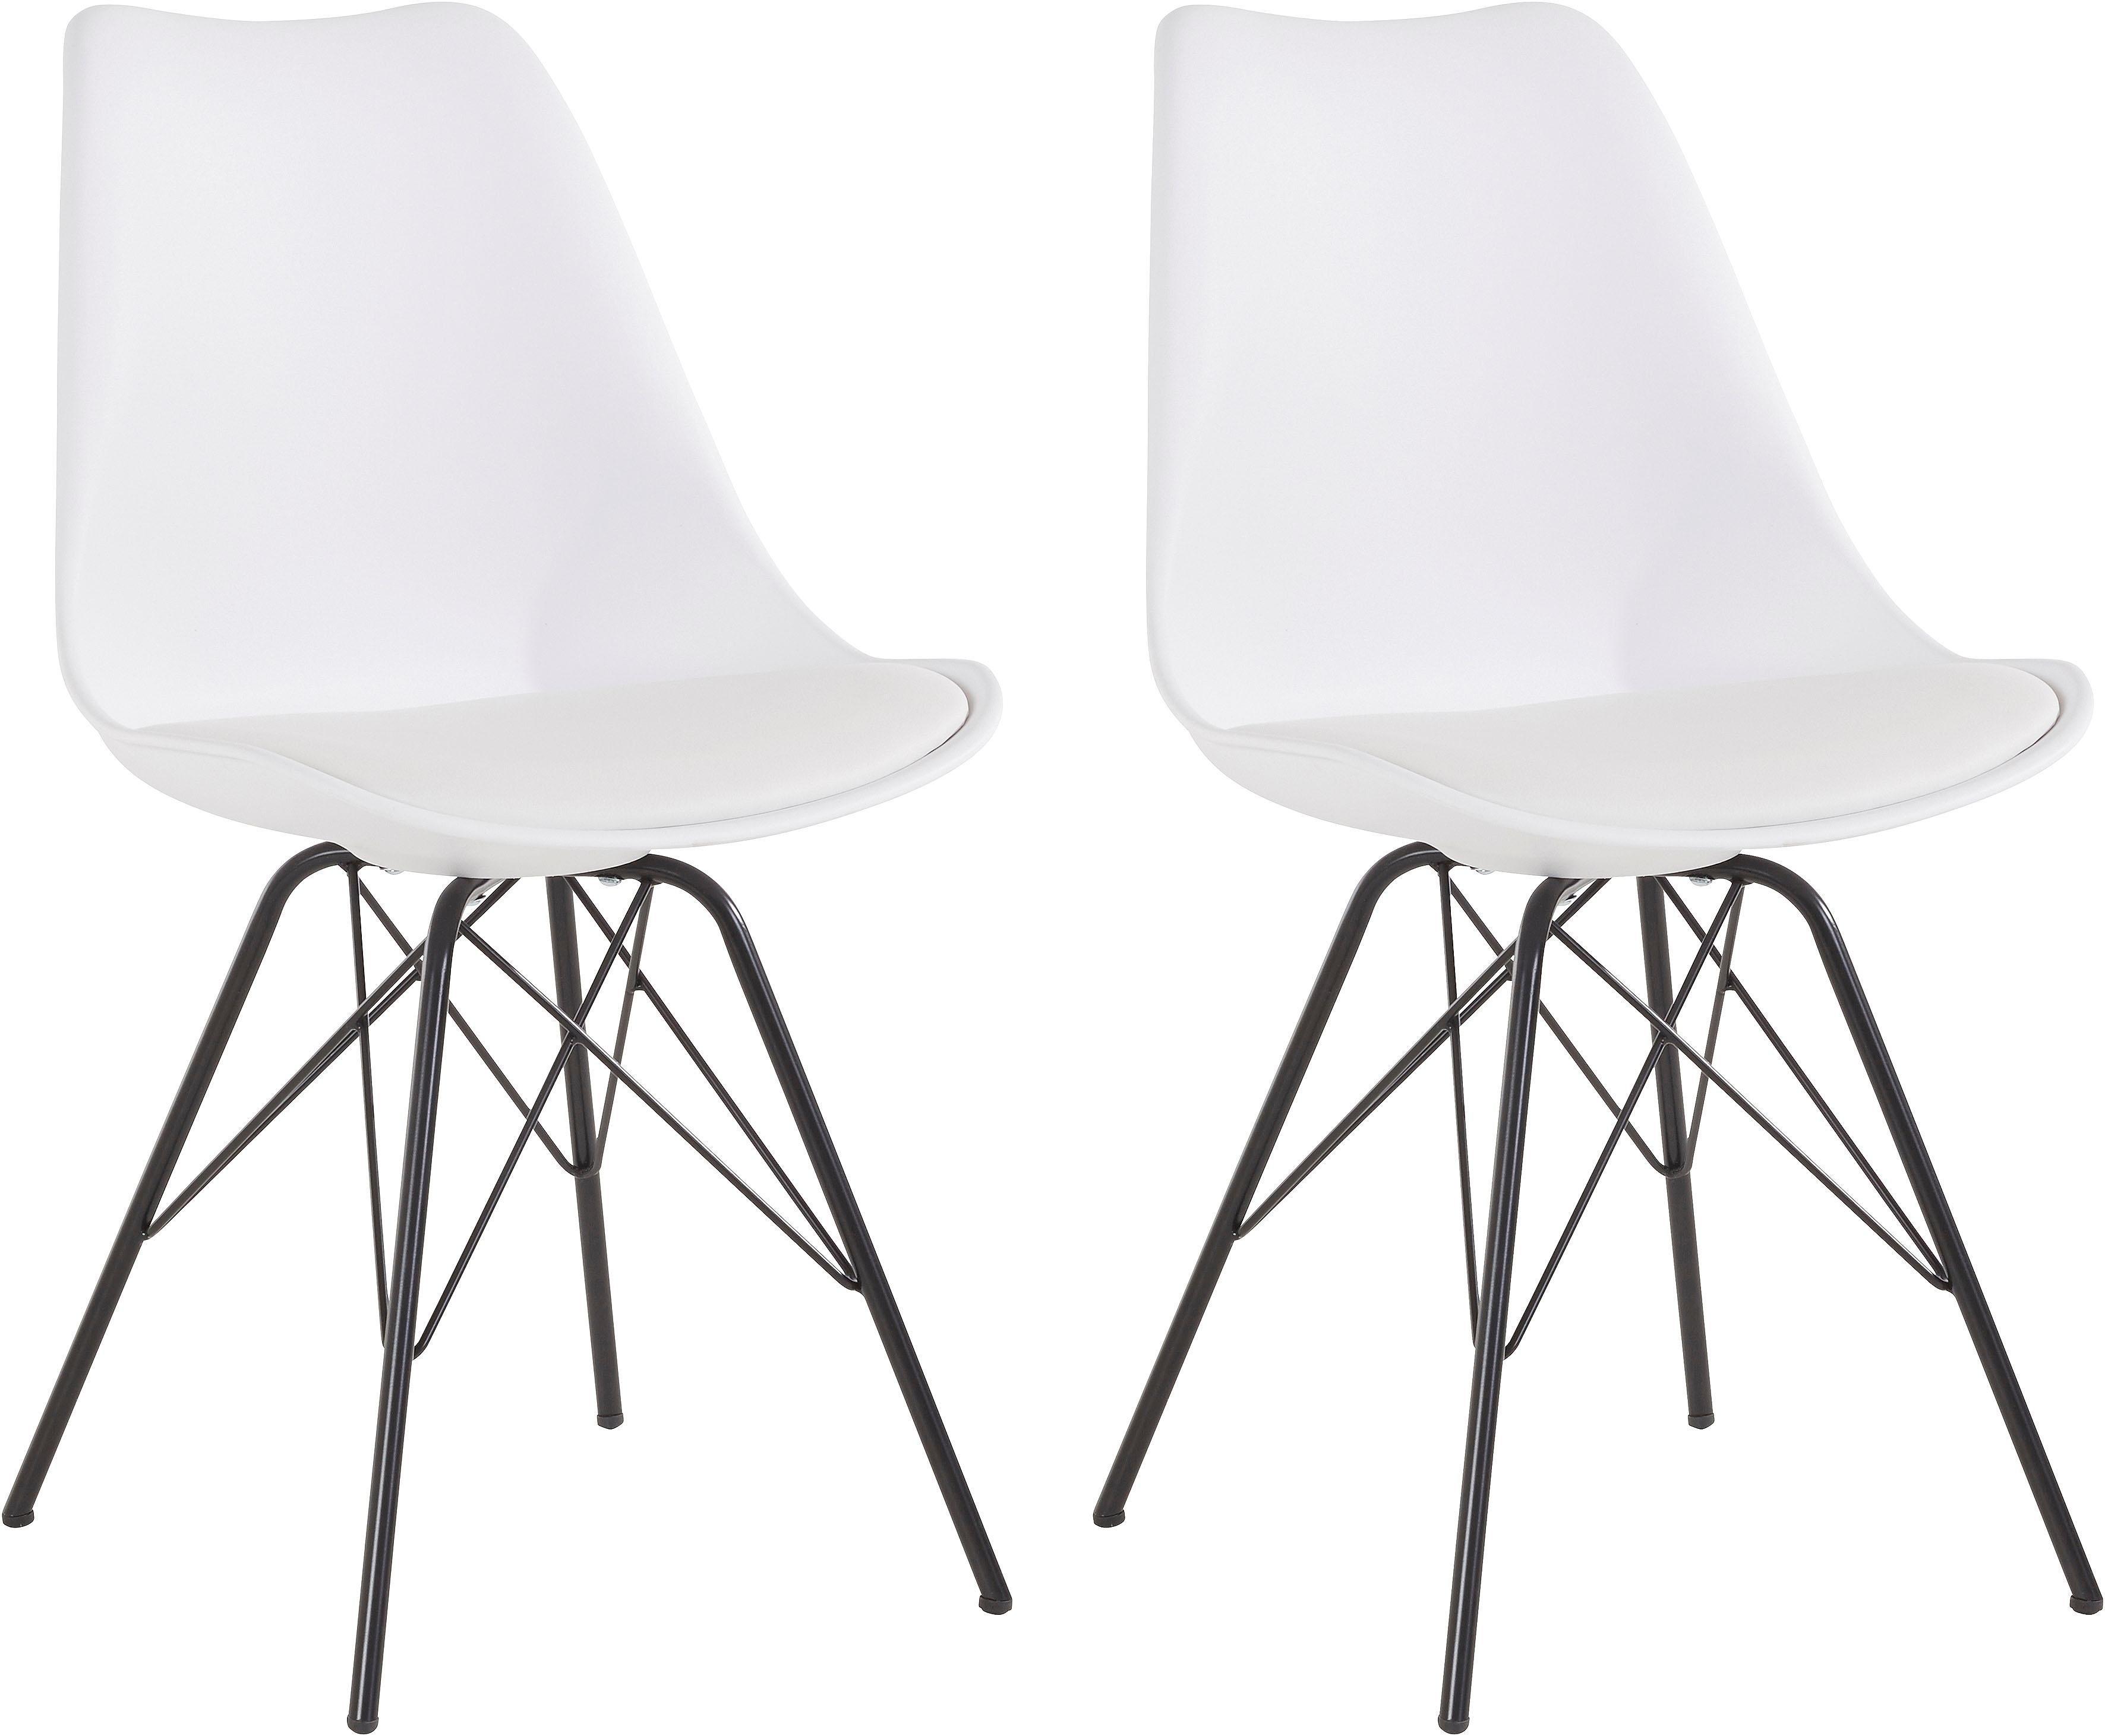 Homexperts STEINHOFF stoel (set van 2) nu online bestellen